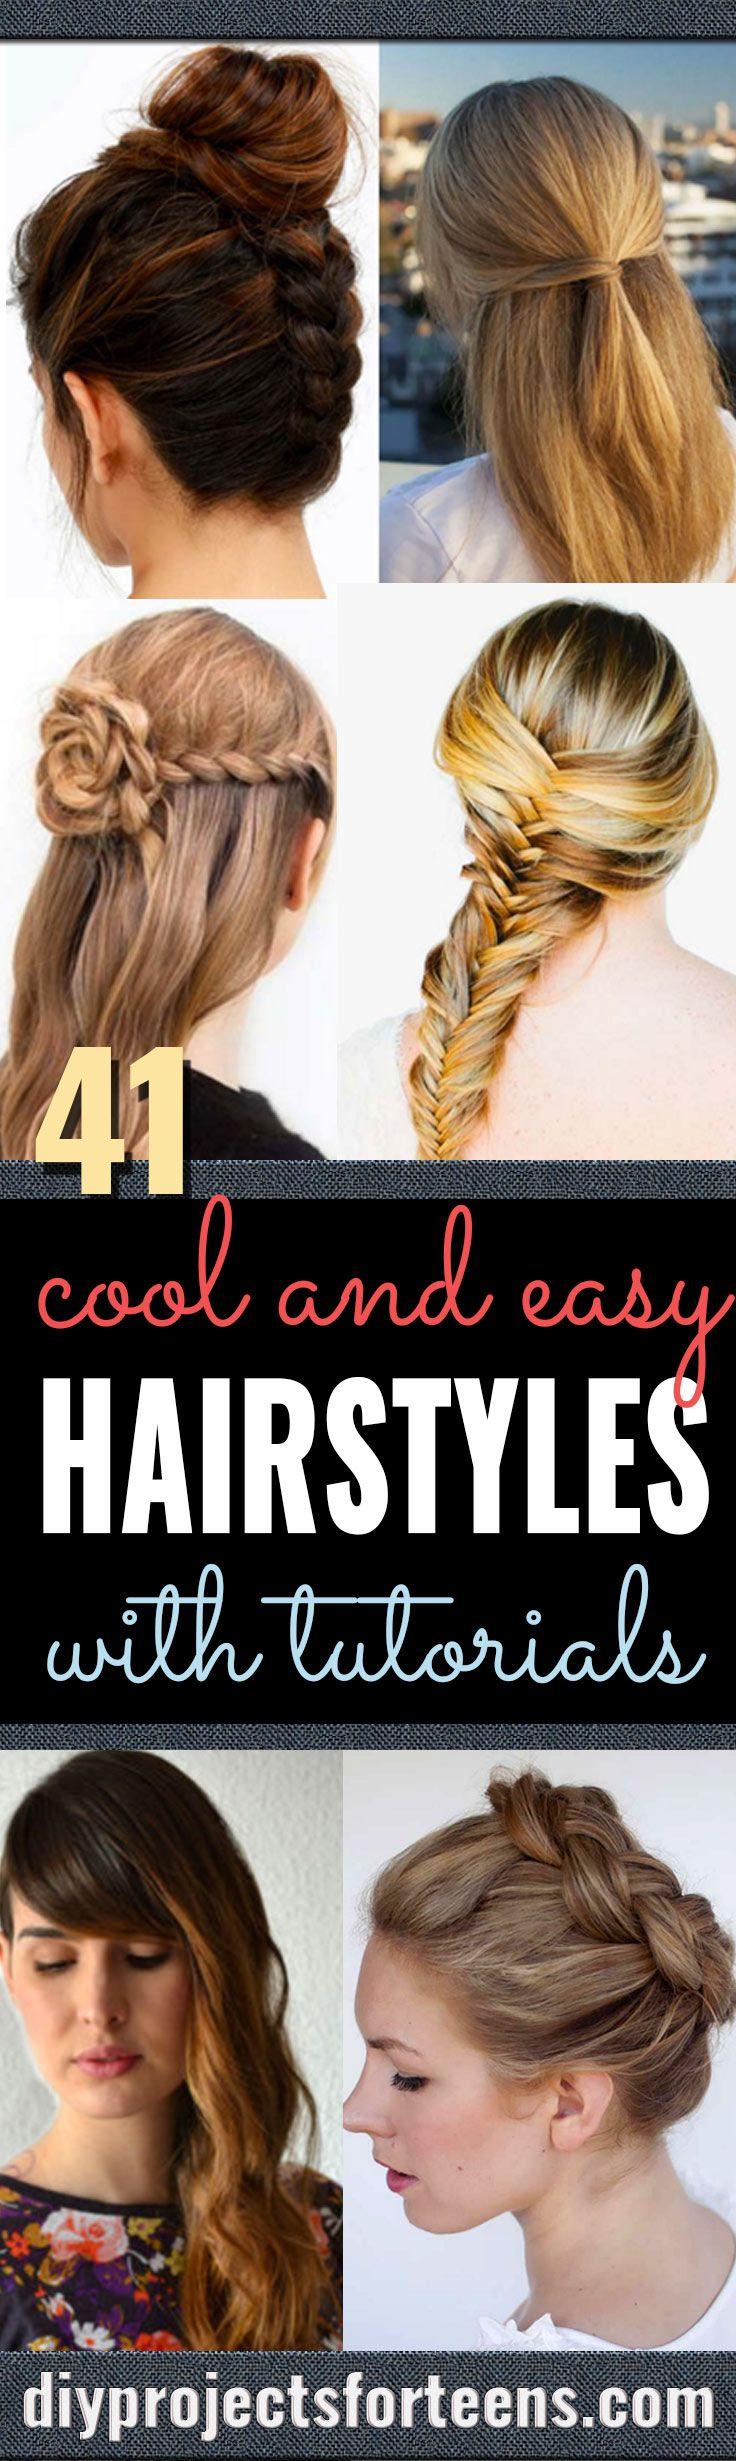 diy cool easy hairstyles